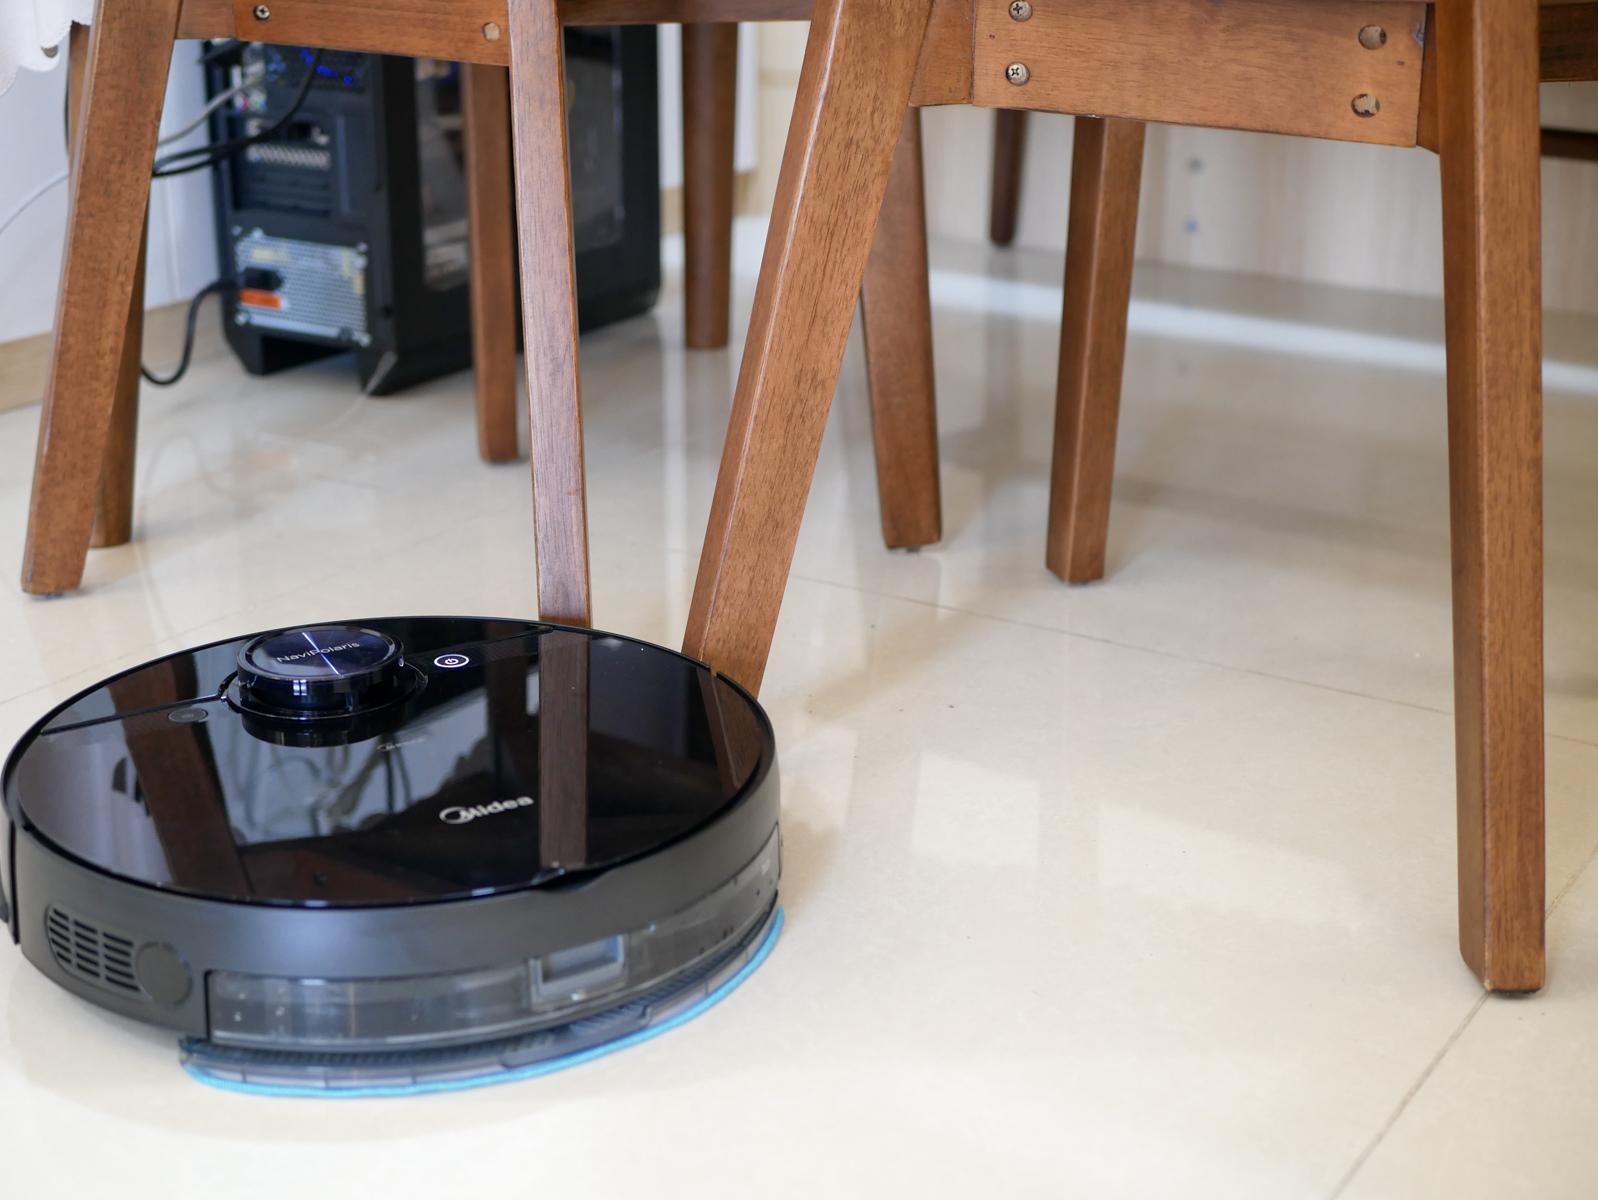 猝不及防!美的杀入扫地机器人市场:4000pa吸力、AI路径规划